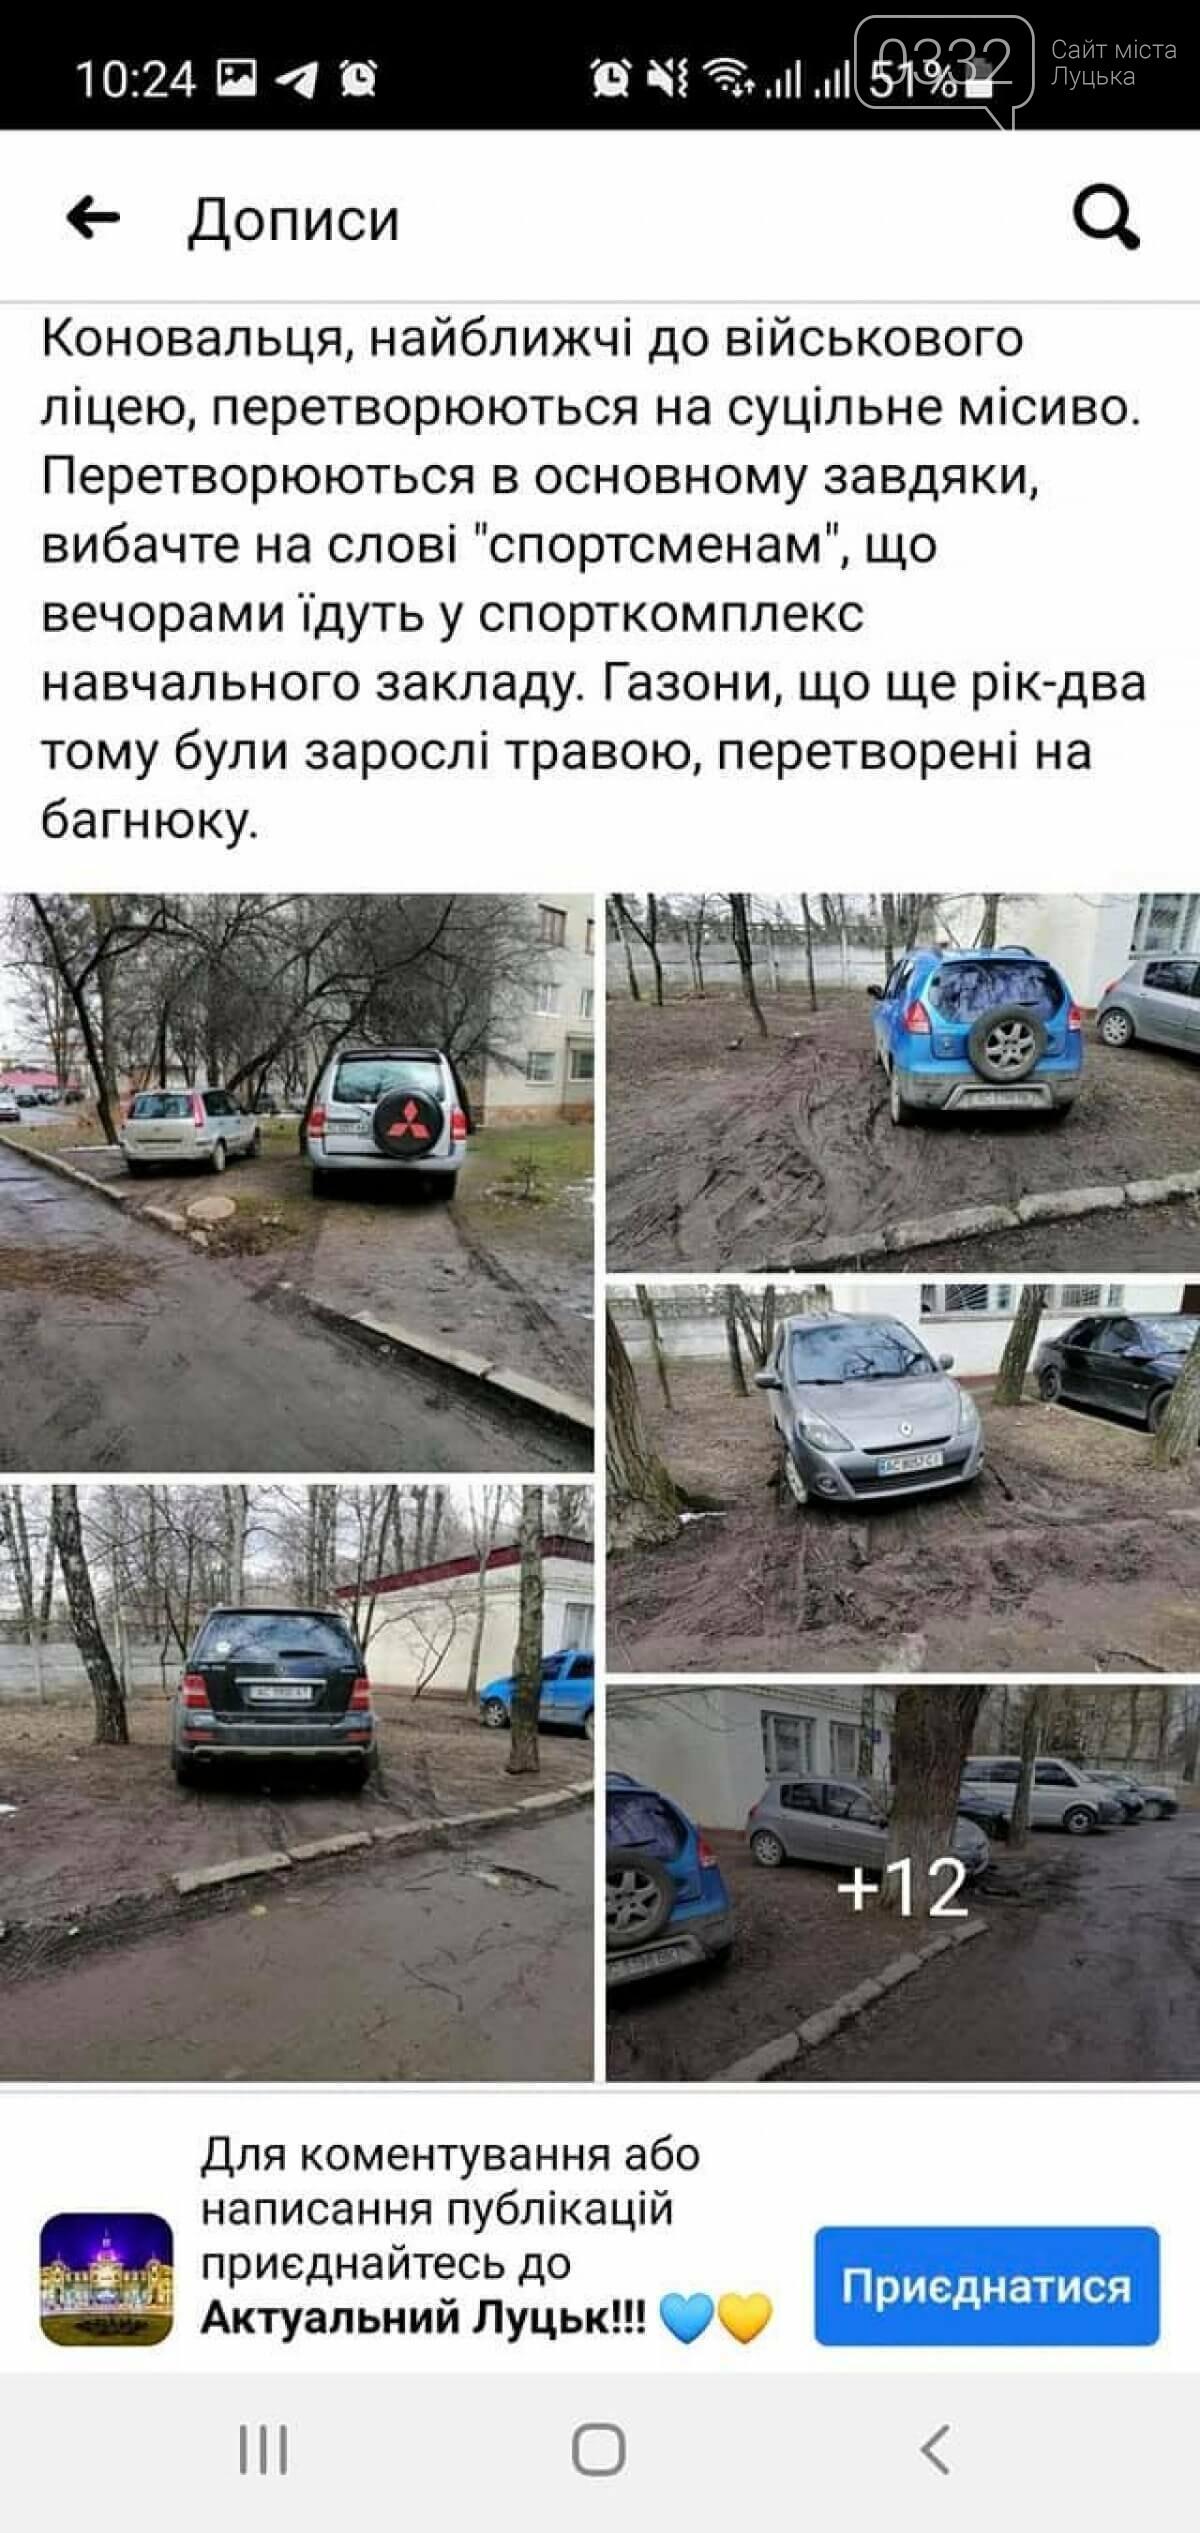 У Луцьку муніципали щодня штрафують «автохамів», які влаштували парковку на газоні, фото-3